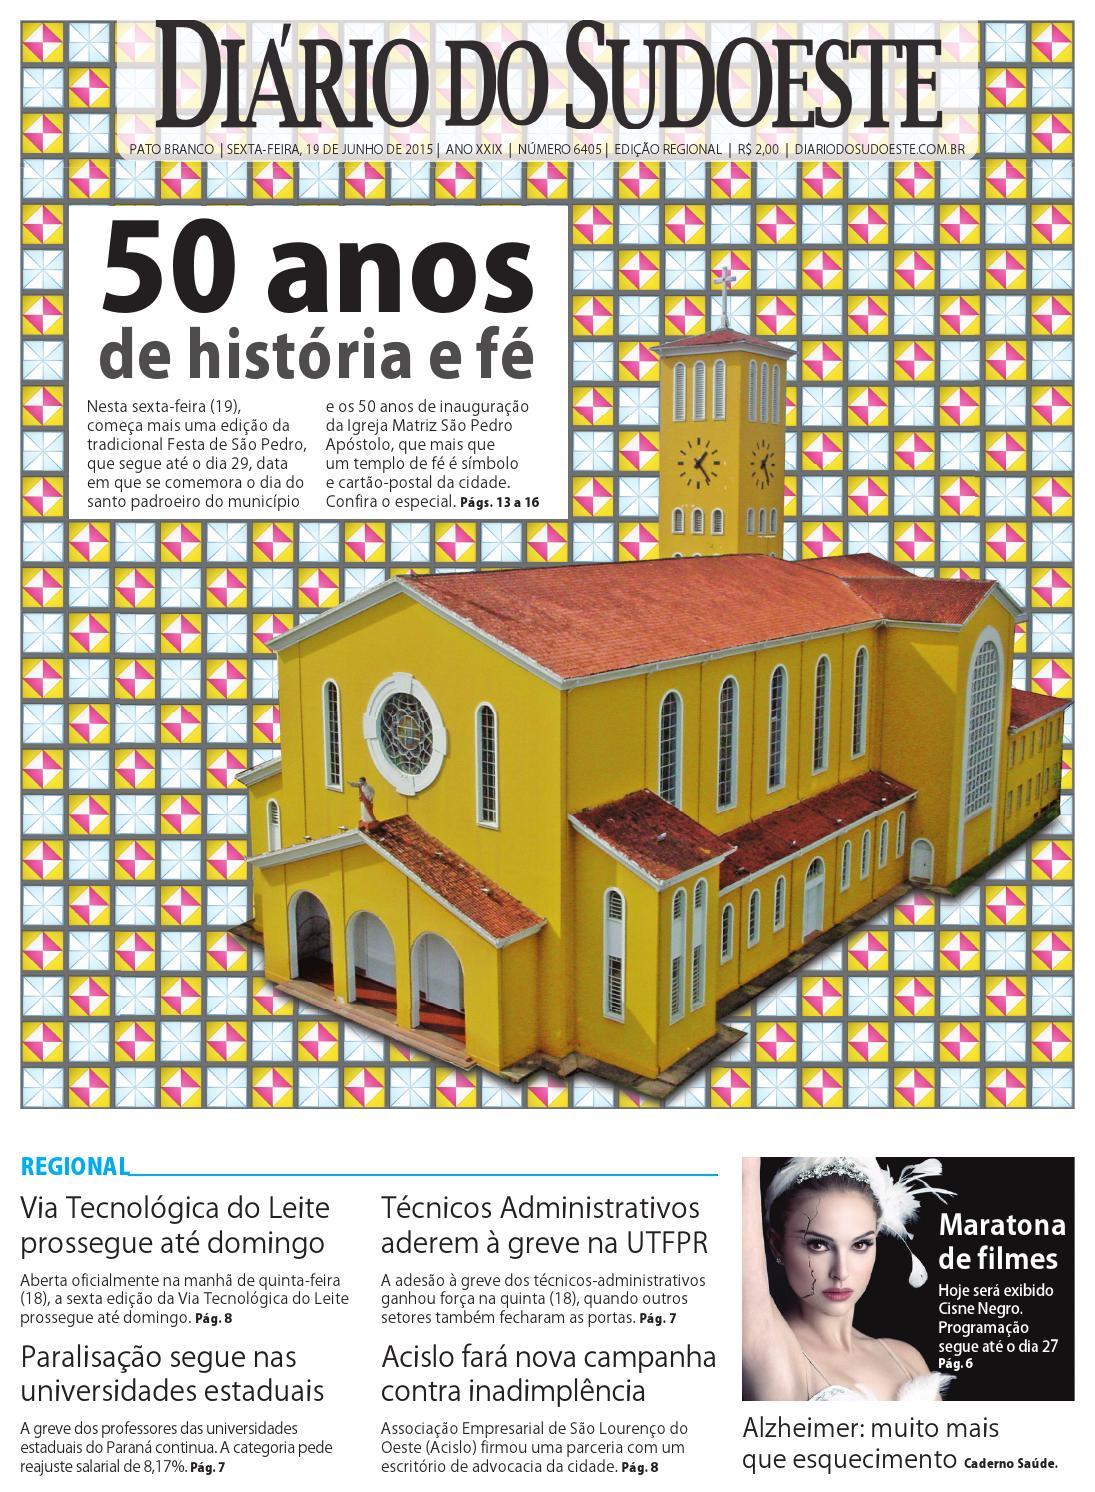 c3e1d206f5 Diário do sudoeste 19 de junho de 2015 ed 6405 by Diário do Sudoeste - issuu